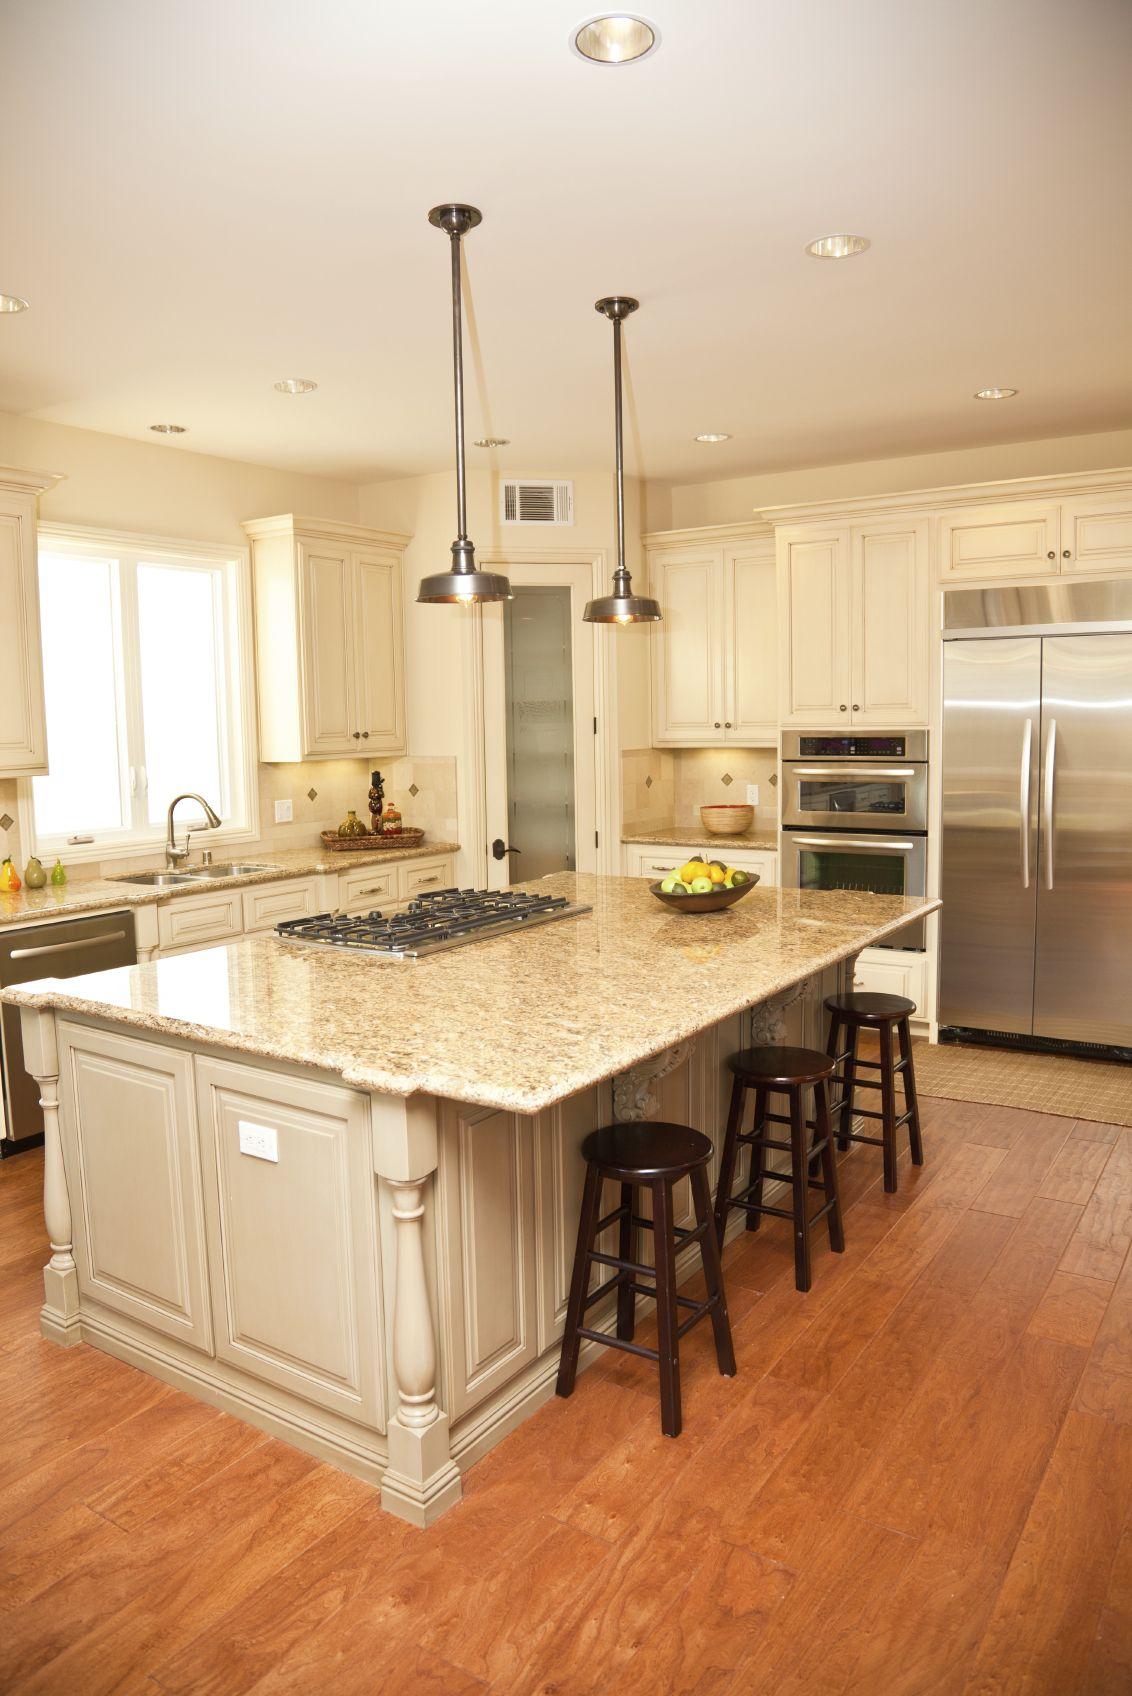 90 Different Kitchen Island Ideas And Designs Photos Kitchen